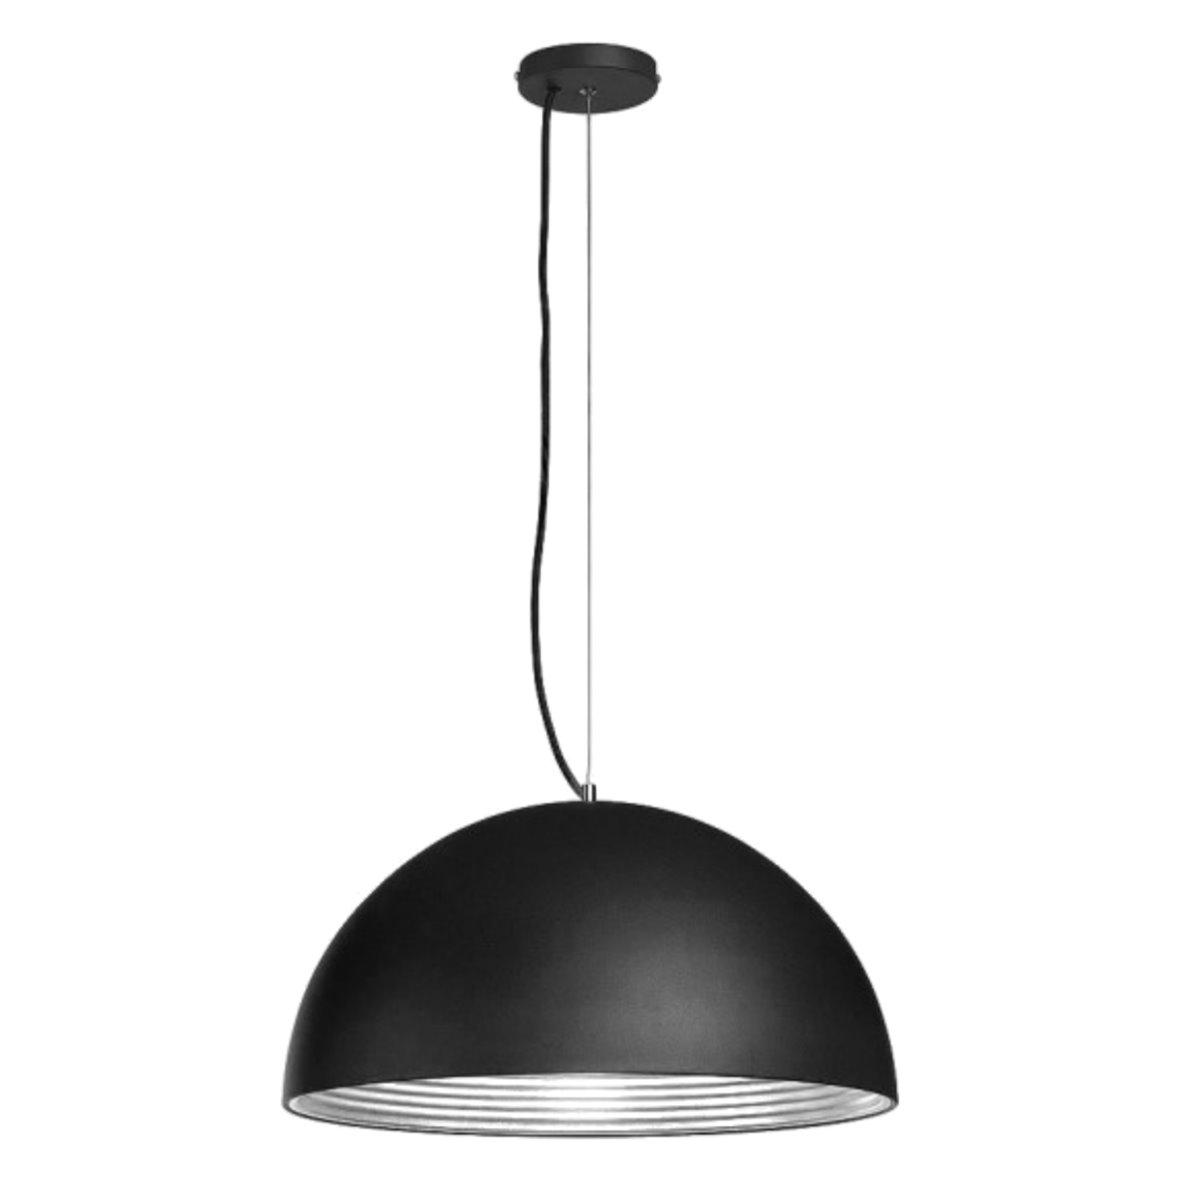 slv pendelleuchte forchini pendel leuchte h ngeleuchte. Black Bedroom Furniture Sets. Home Design Ideas